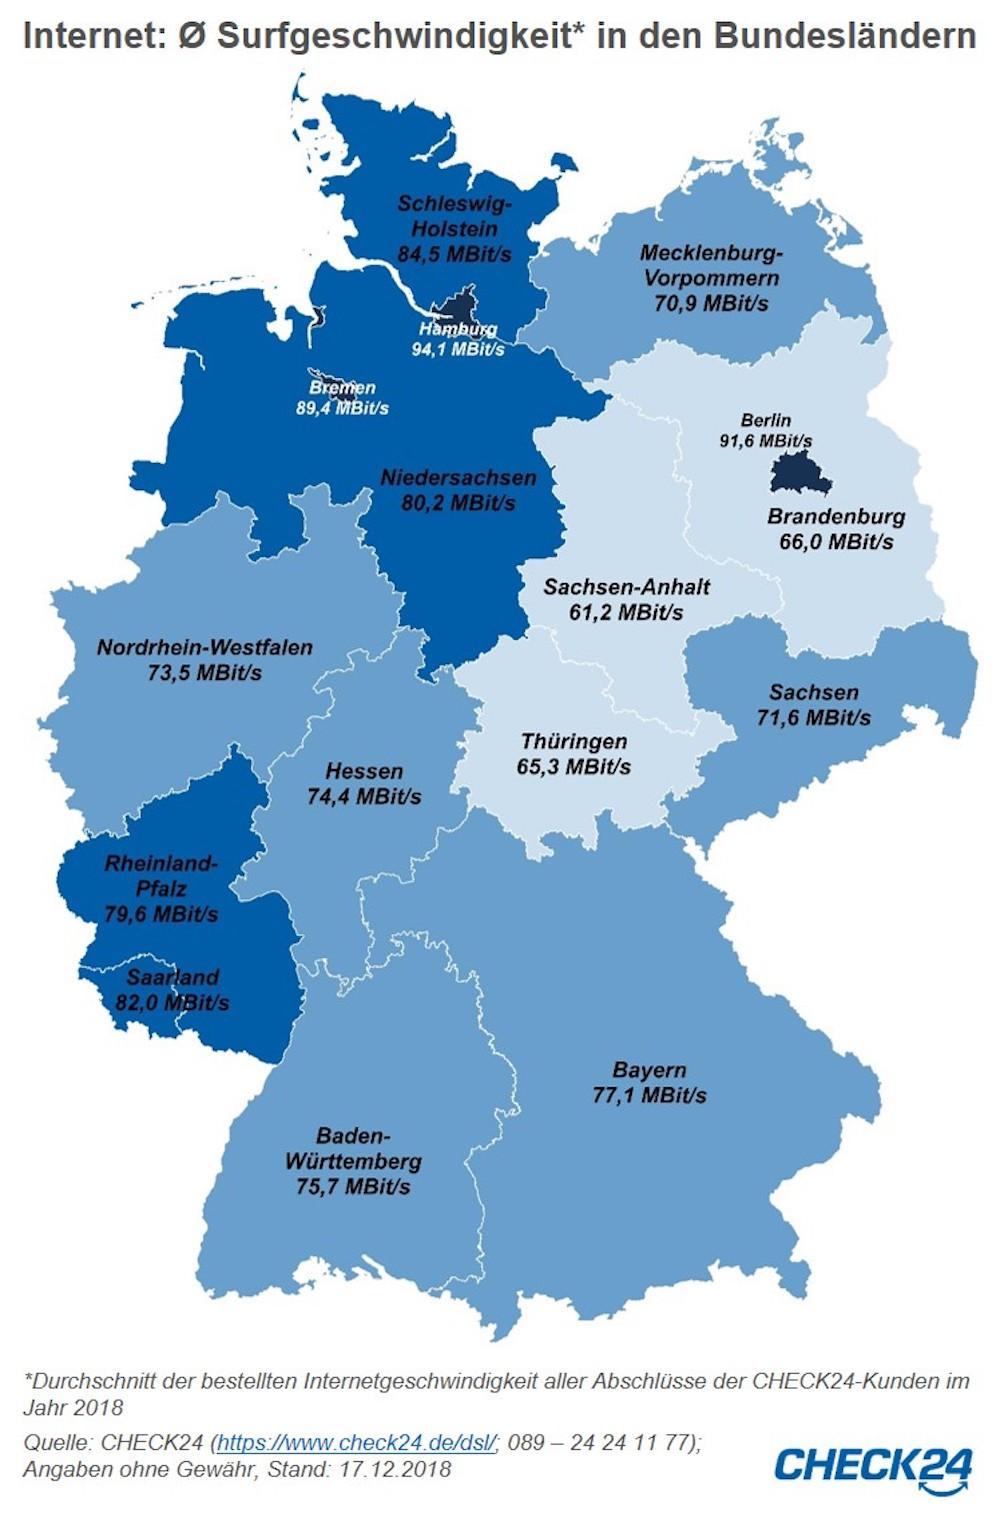 (Quelle: obs/CHECK24 GmbH/CHECK24.de)